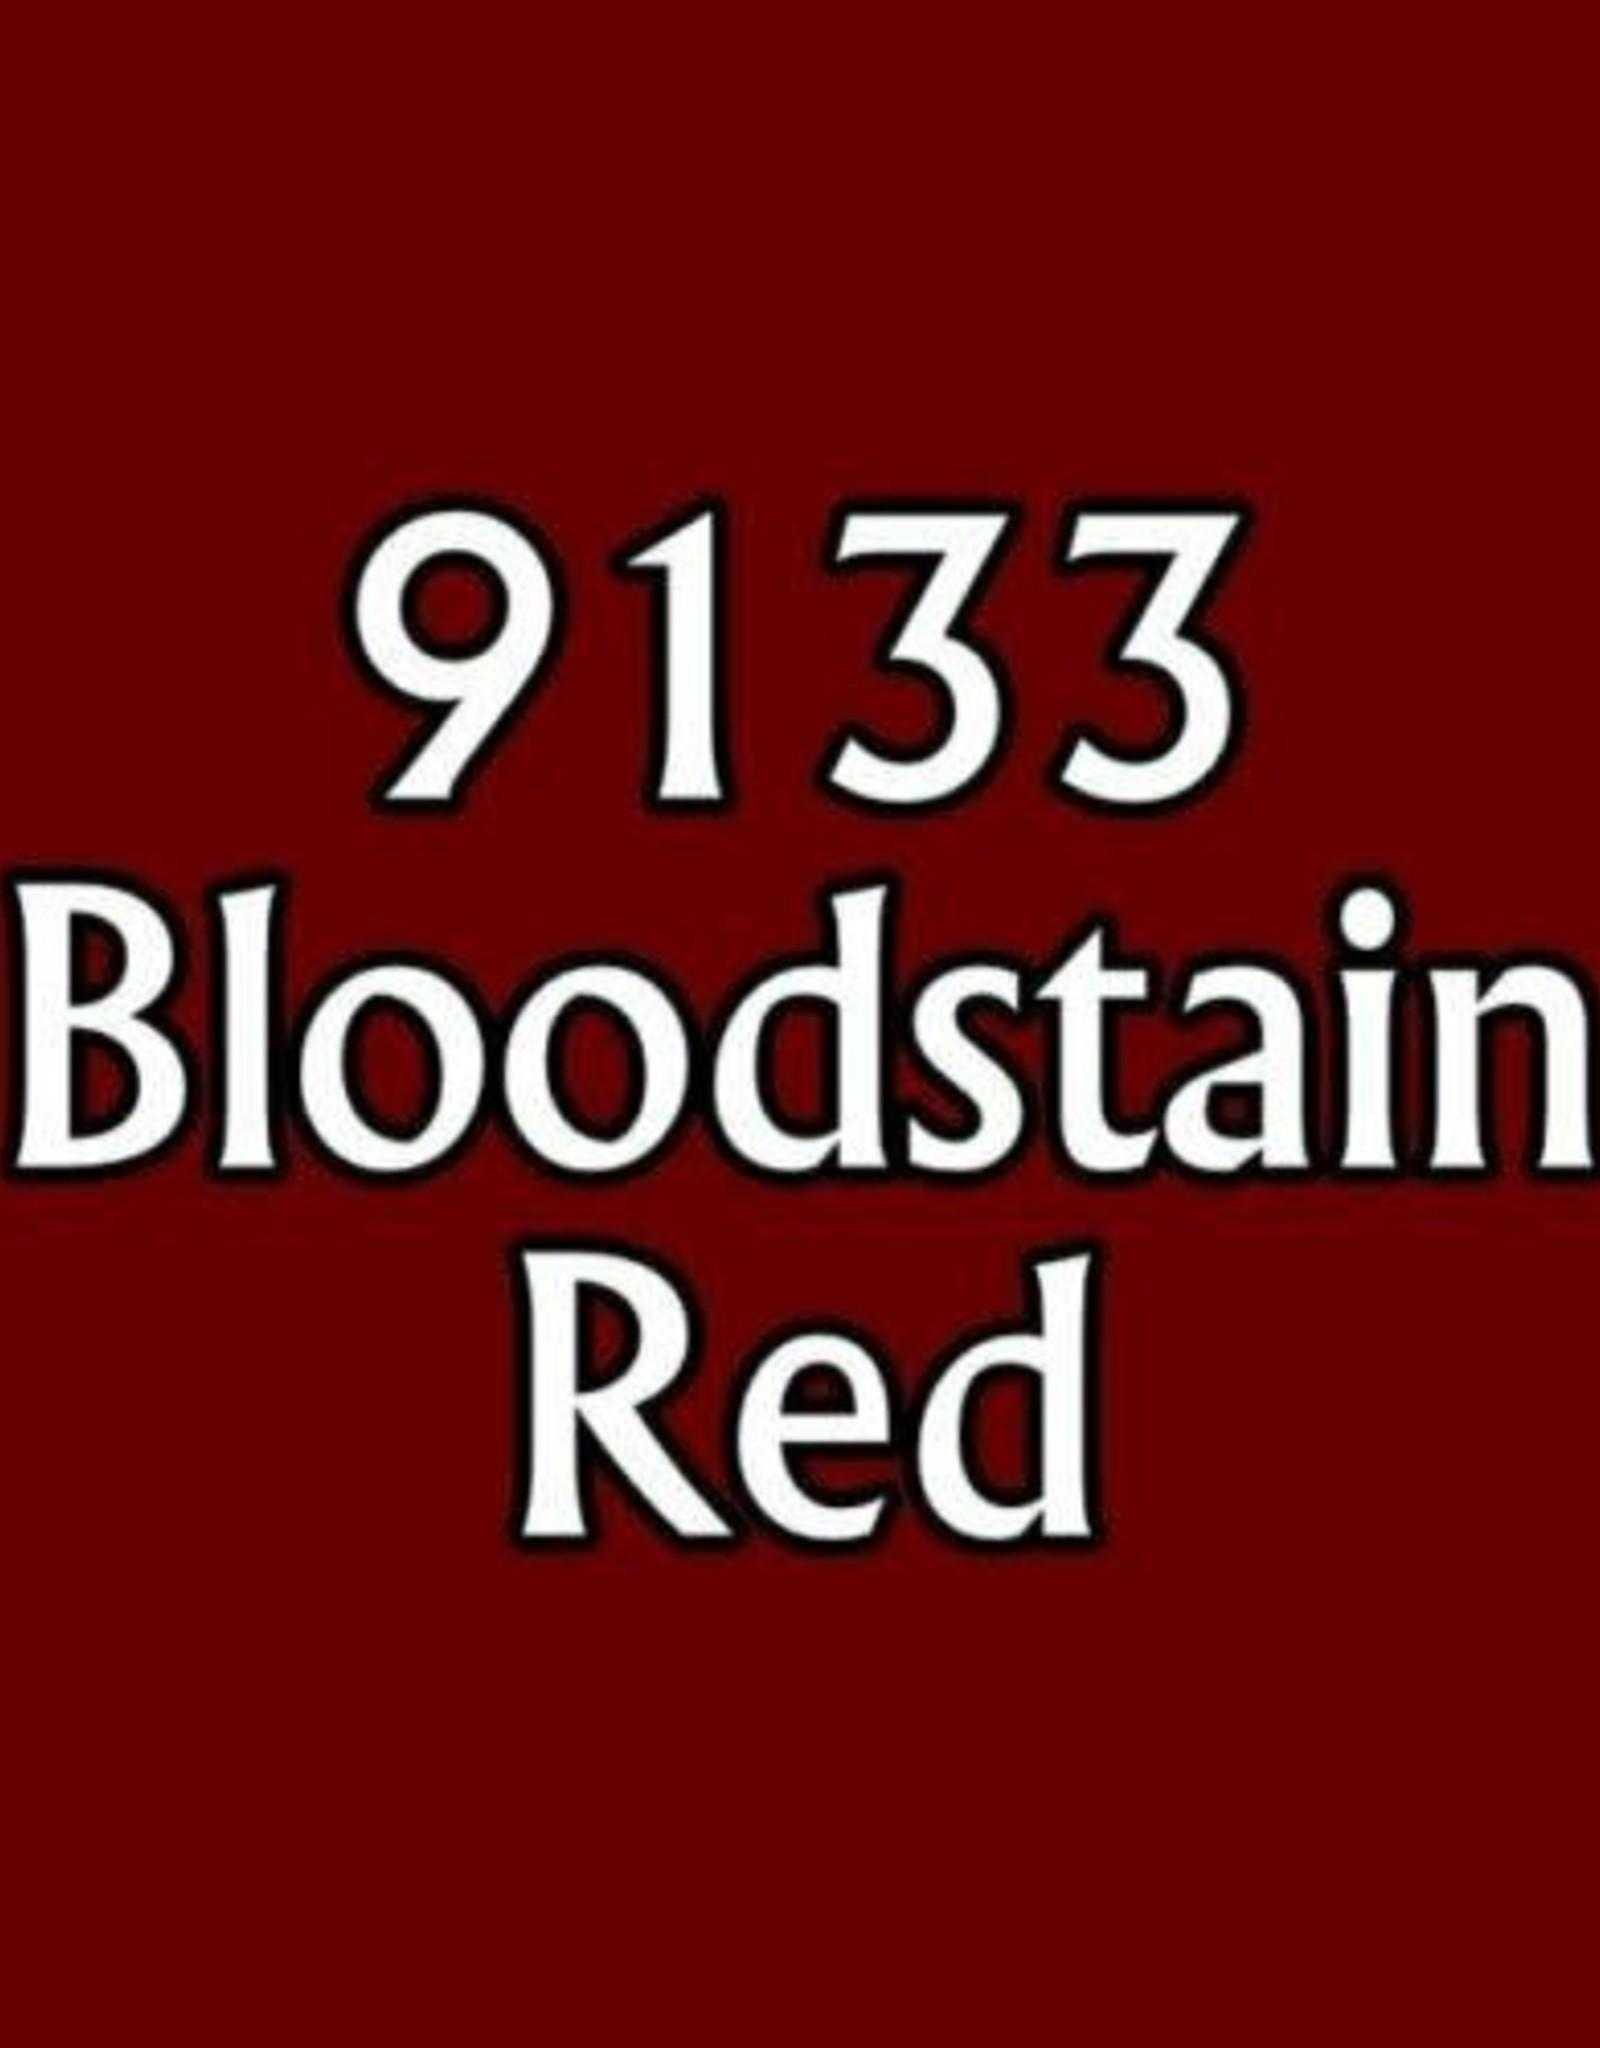 Reaper Bloodstain Red